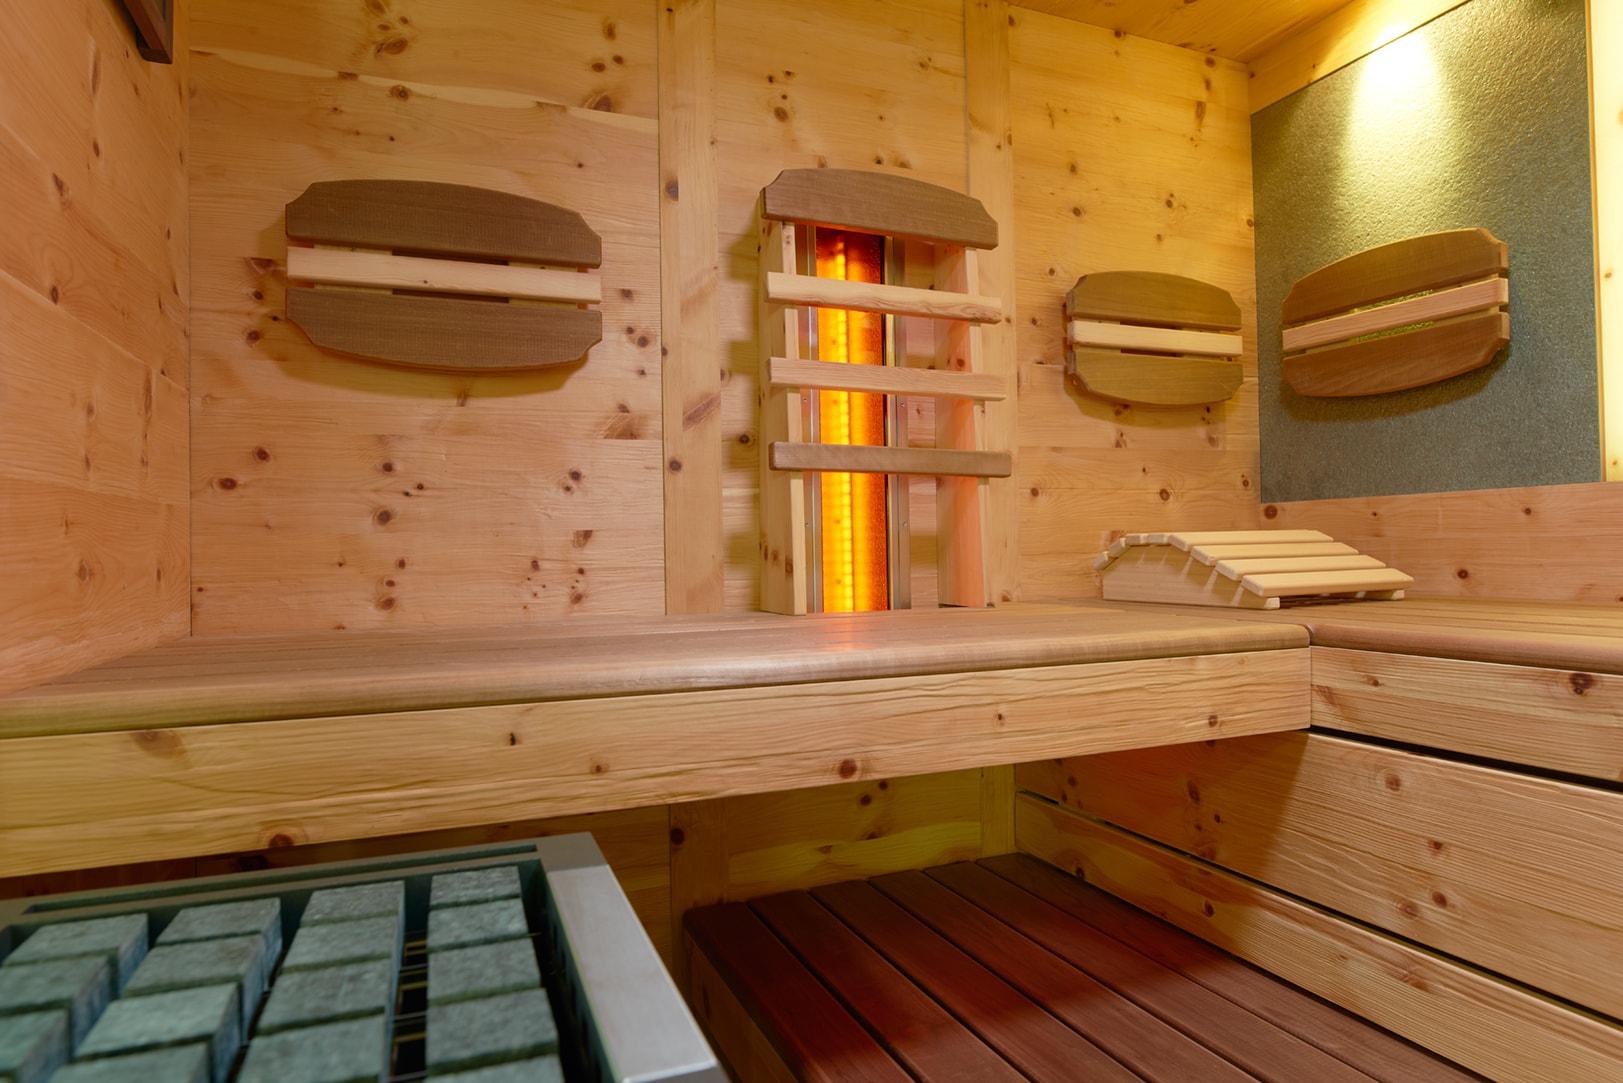 Schwimmbad Sauna Center Sauna Indoorsauna Infrarot Sauna